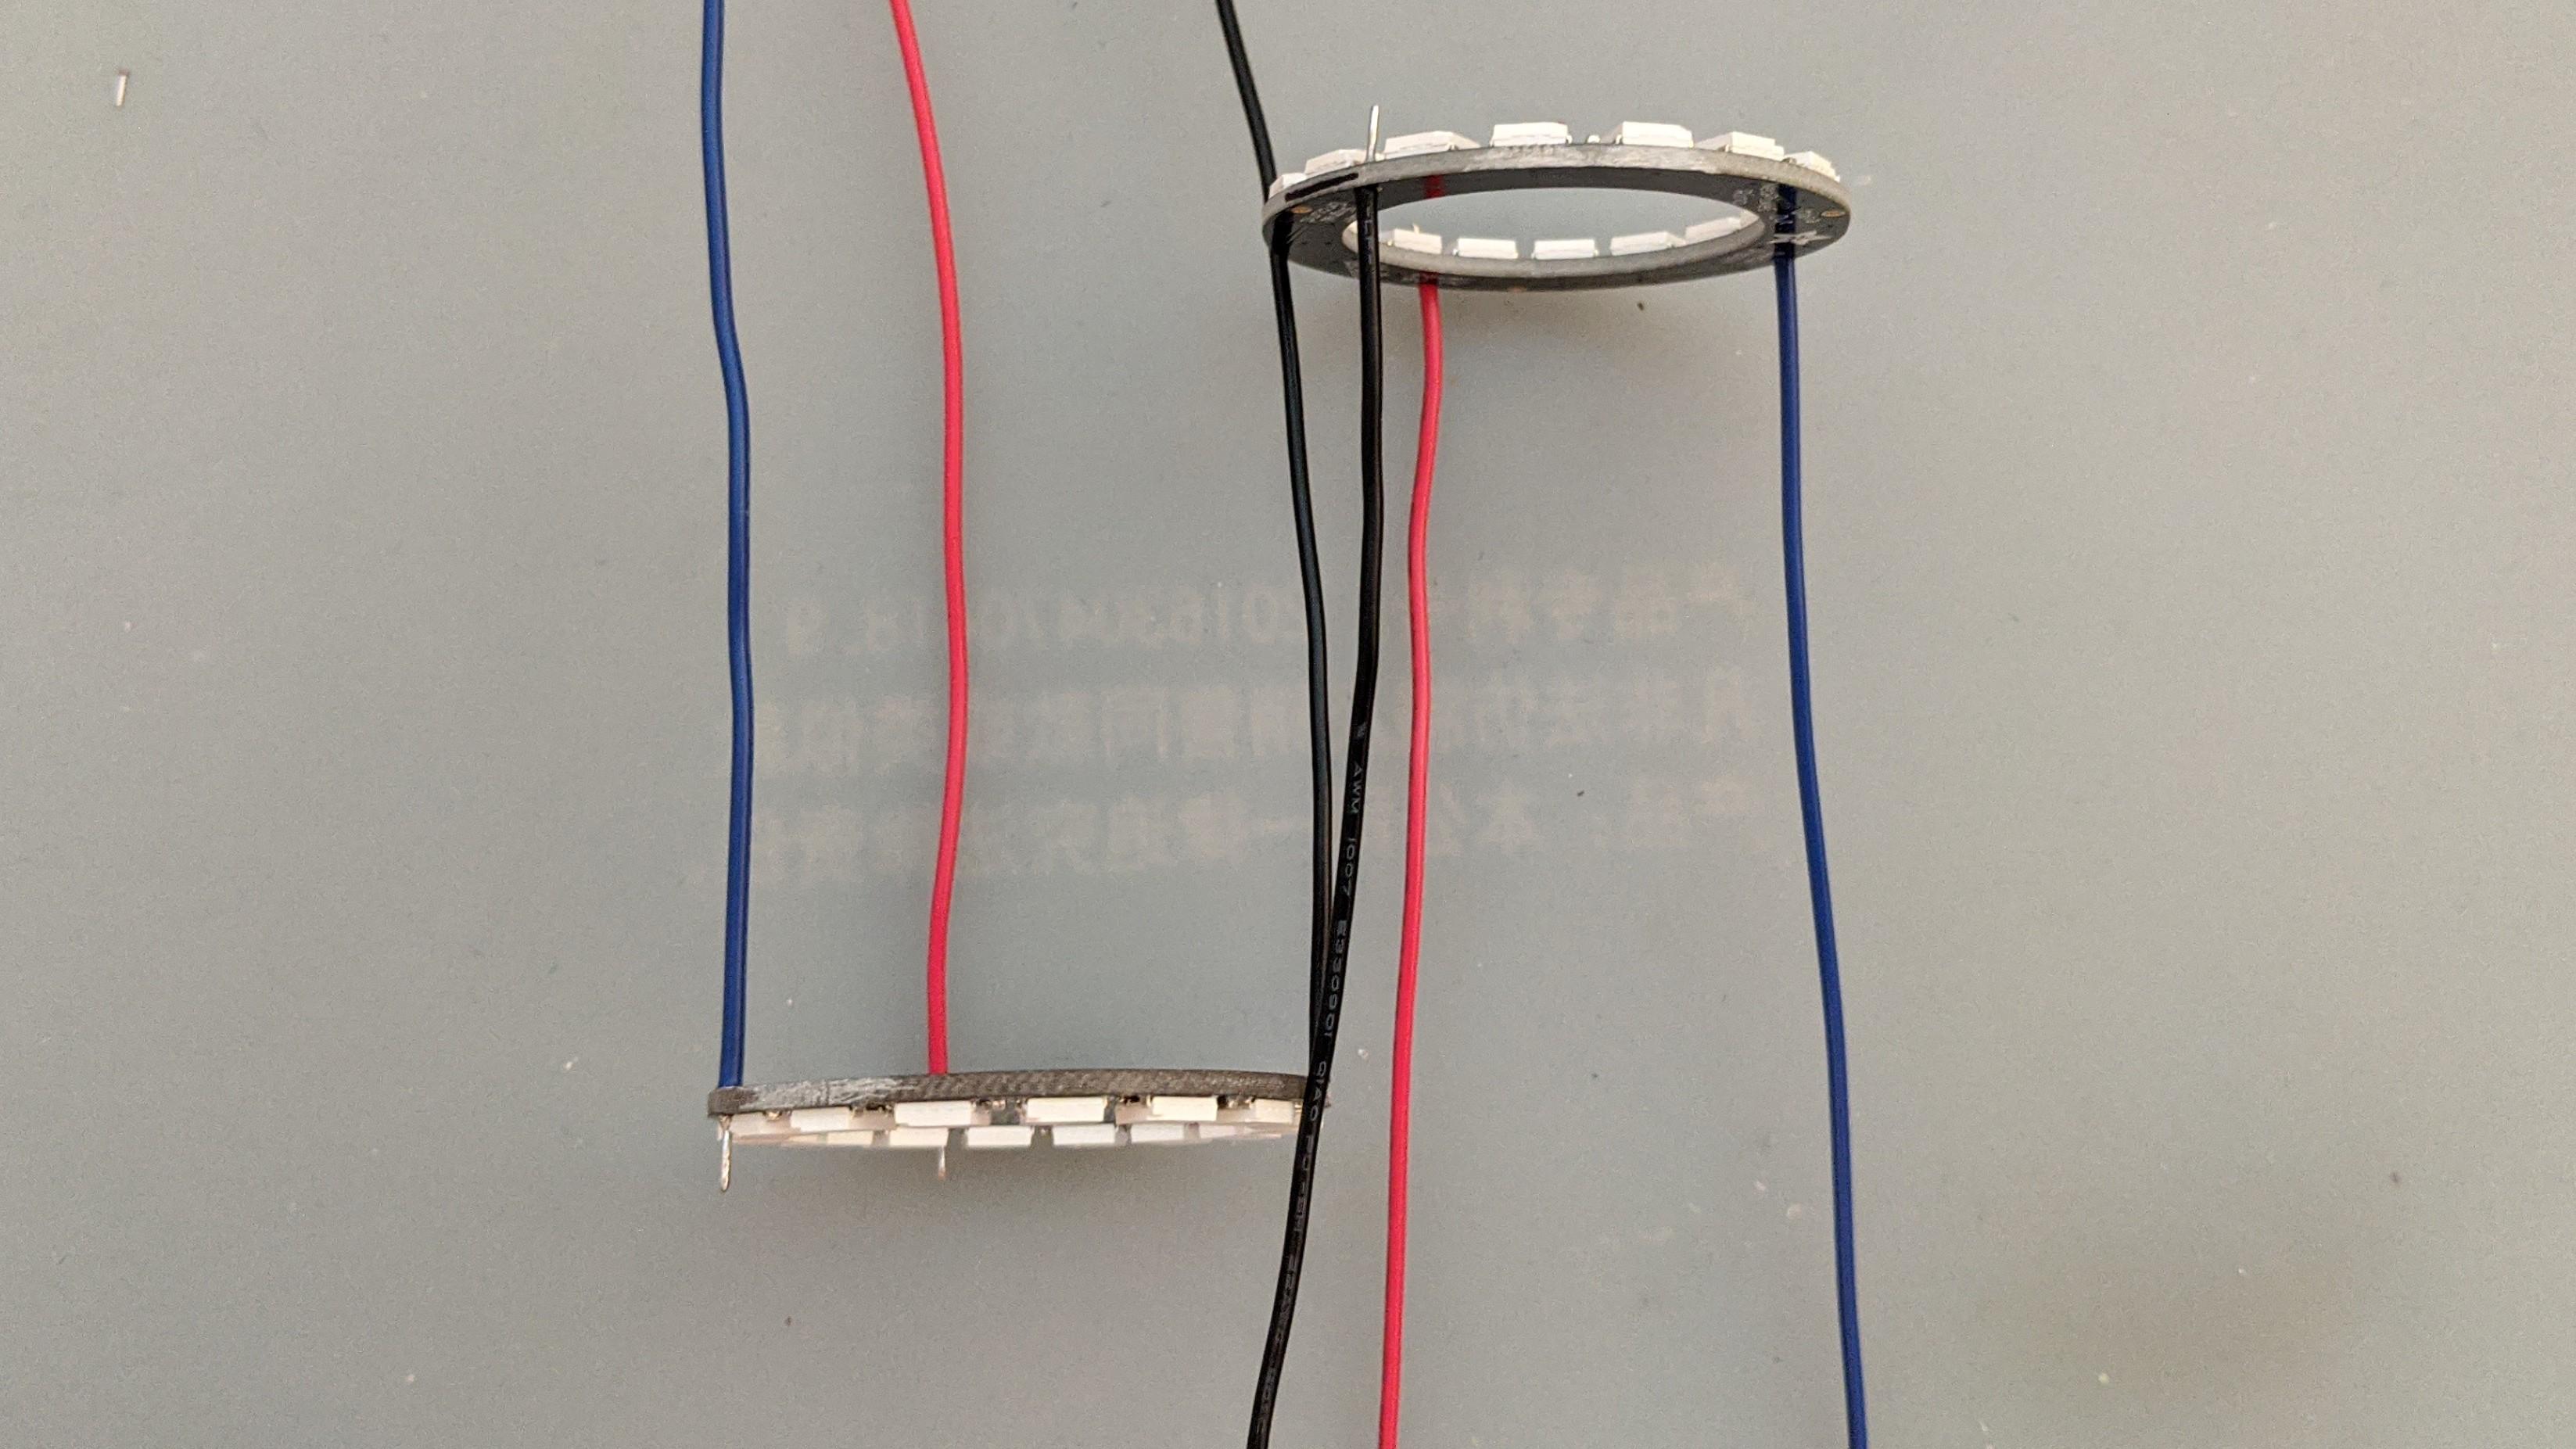 leds_QT_Py_Timer_rings_soldered.jpg